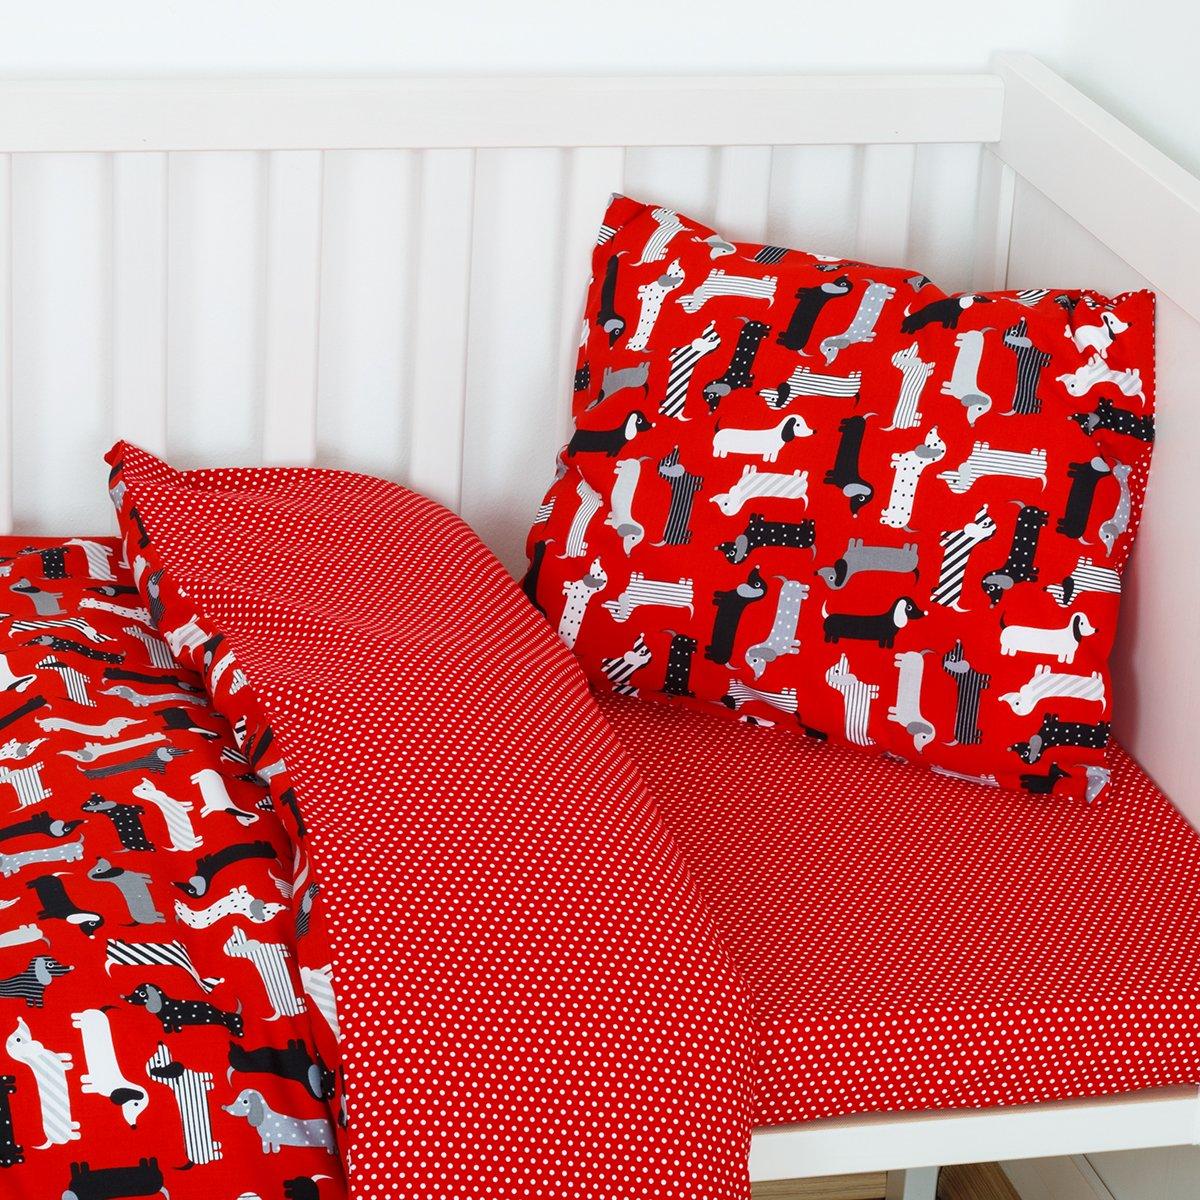 Toddler Duvet Cover Pillowcase Bedding Set Dogs 100% cotton 90*135cm Boy Girl mayabee